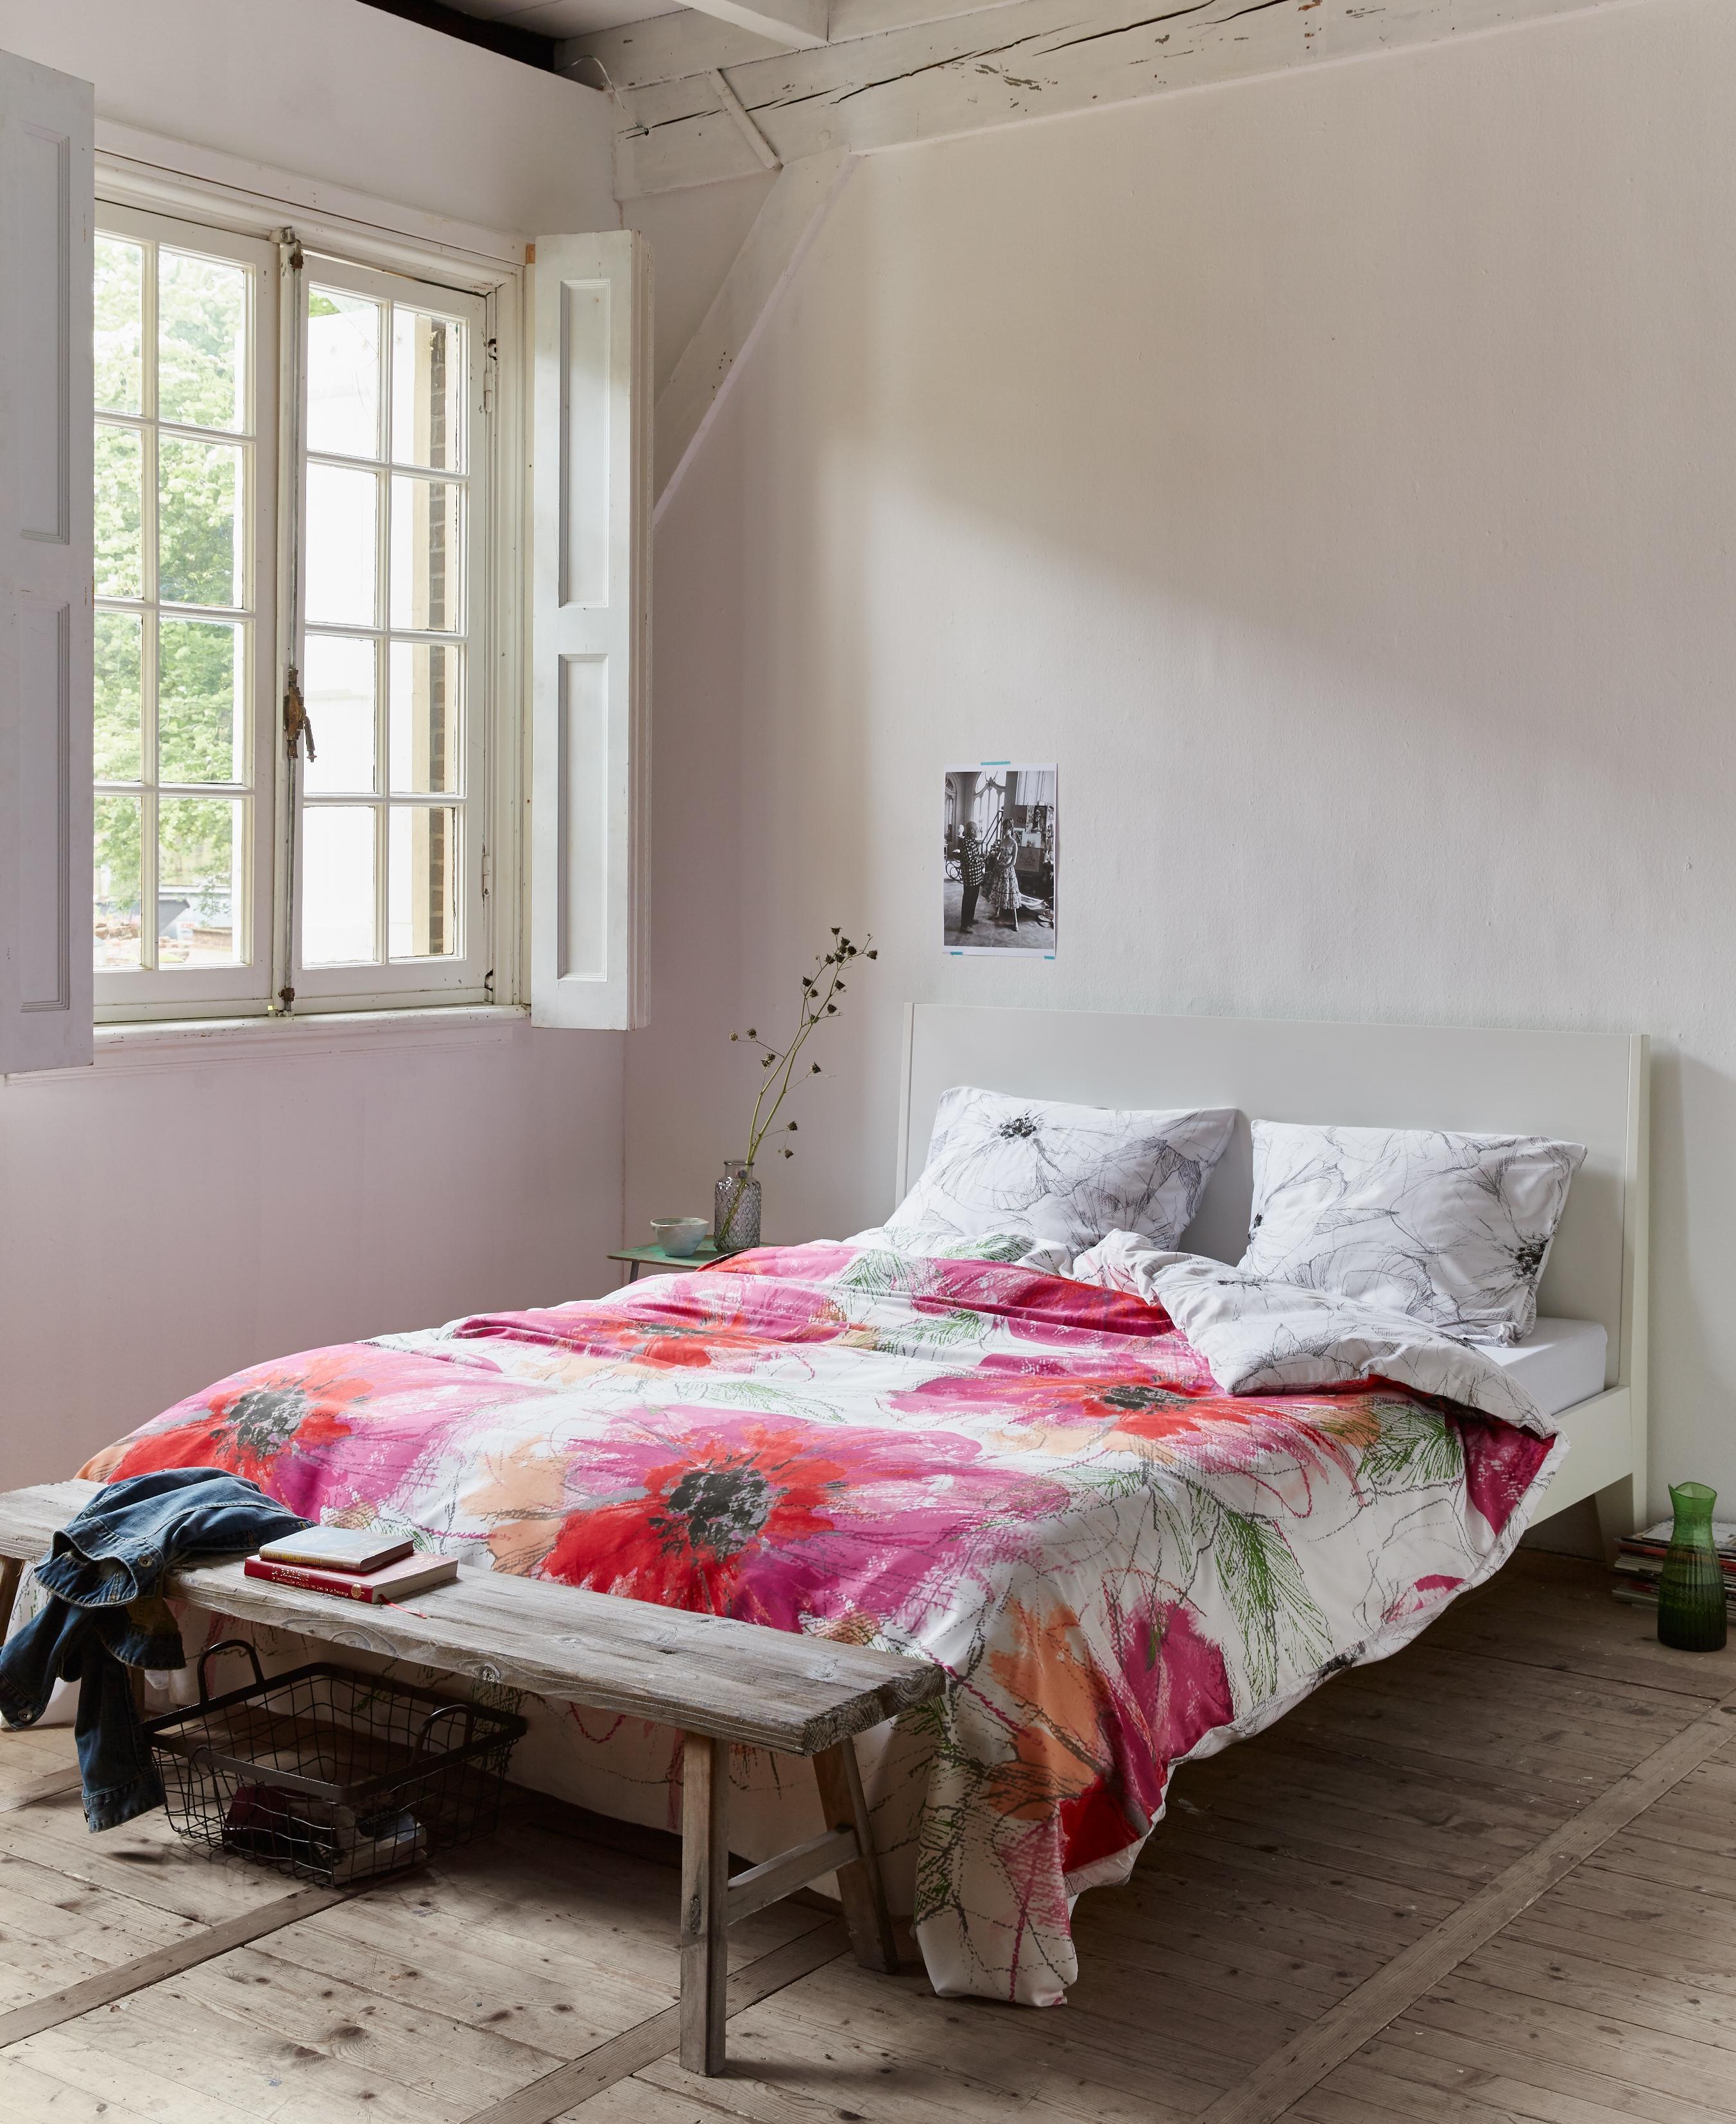 gemutliches zuhause dielenboden. large size of gemtliche ... - Gemutliches Zuhause Dielenboden